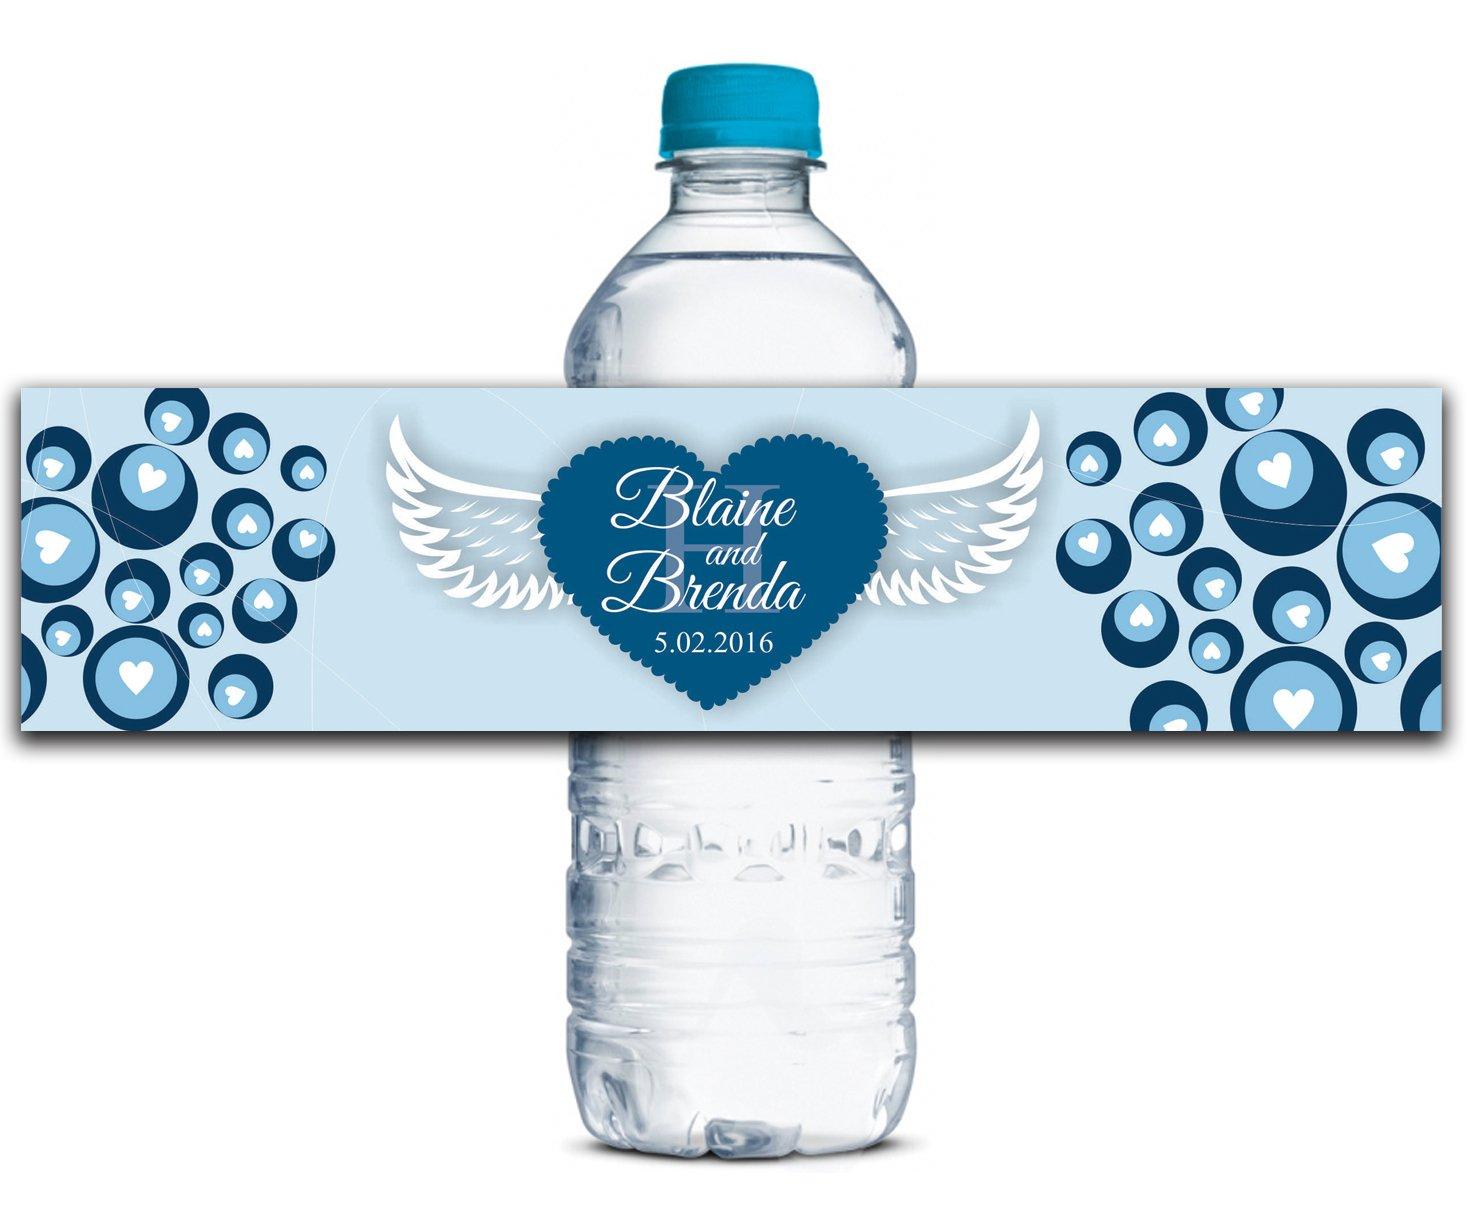 Personalisierte Wasserflasche Etiketten Selbstklebende wasserdichte Kundenspezifische Hochzeits-Aufkleber 8  x x x 2  Zoll - 70 Etiketten B01A0W2VGI | Bekannt für seine hervorragende Qualität  935c3d